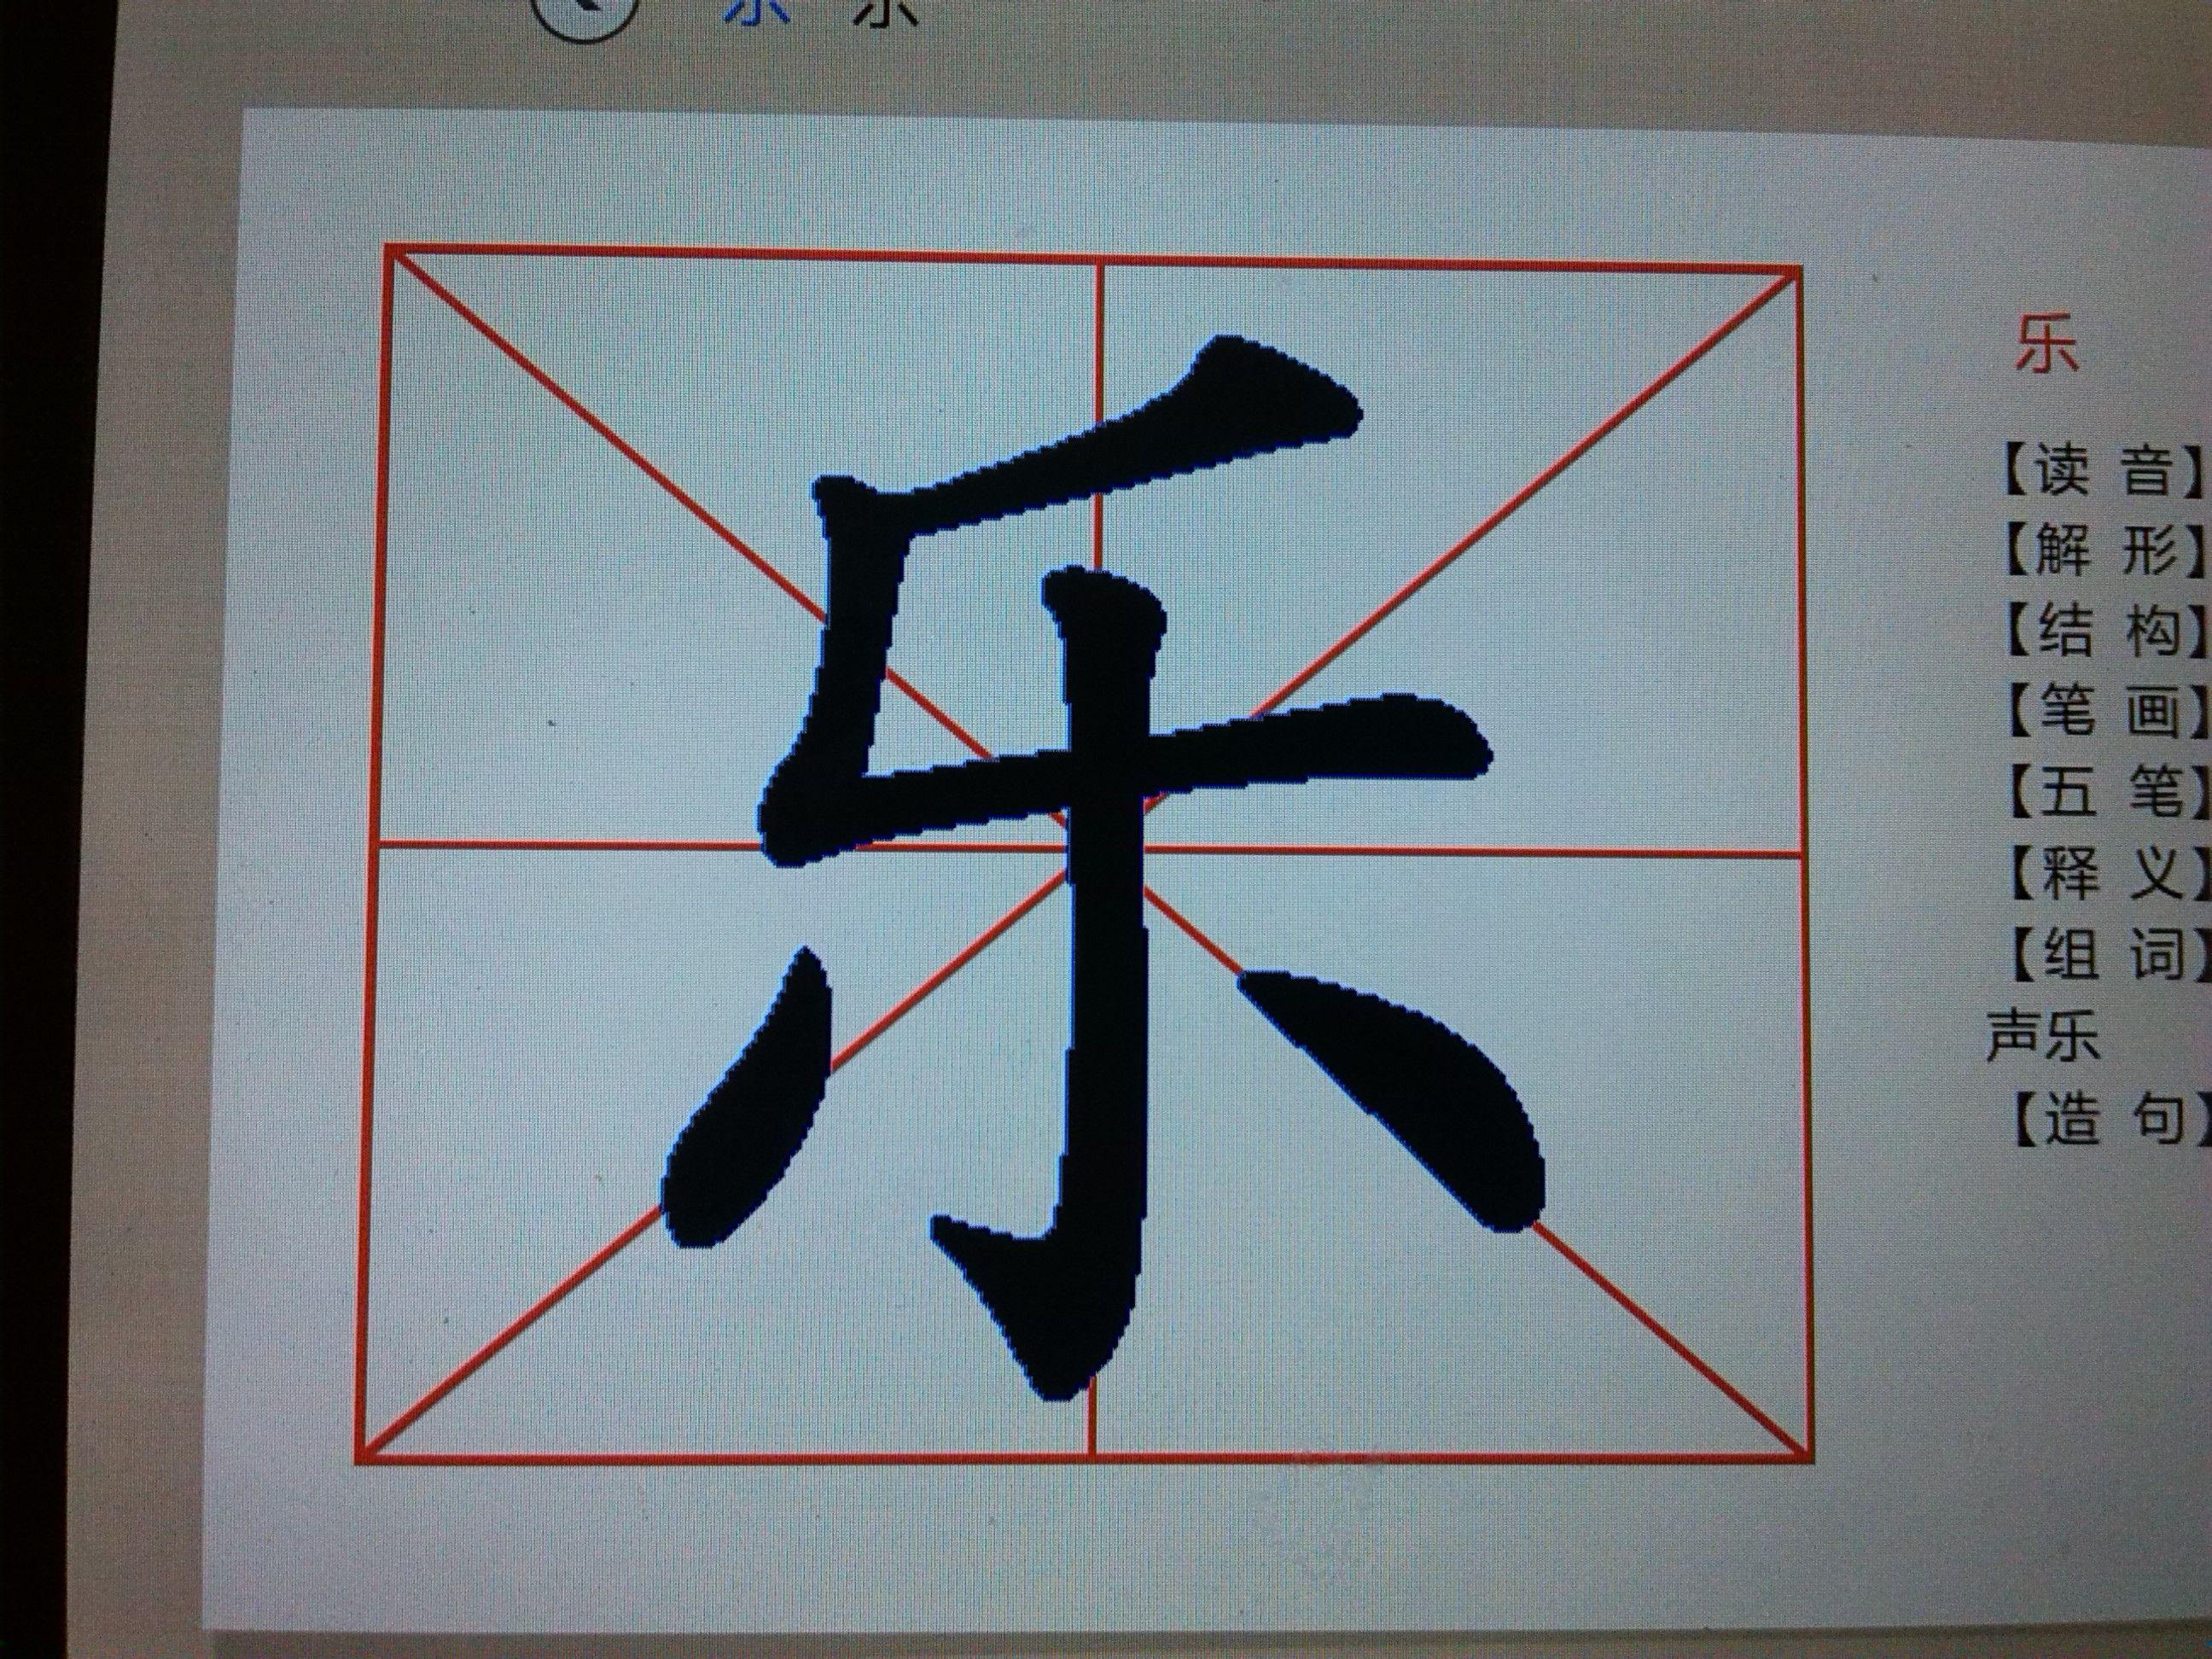 秦字在田字格中的位置